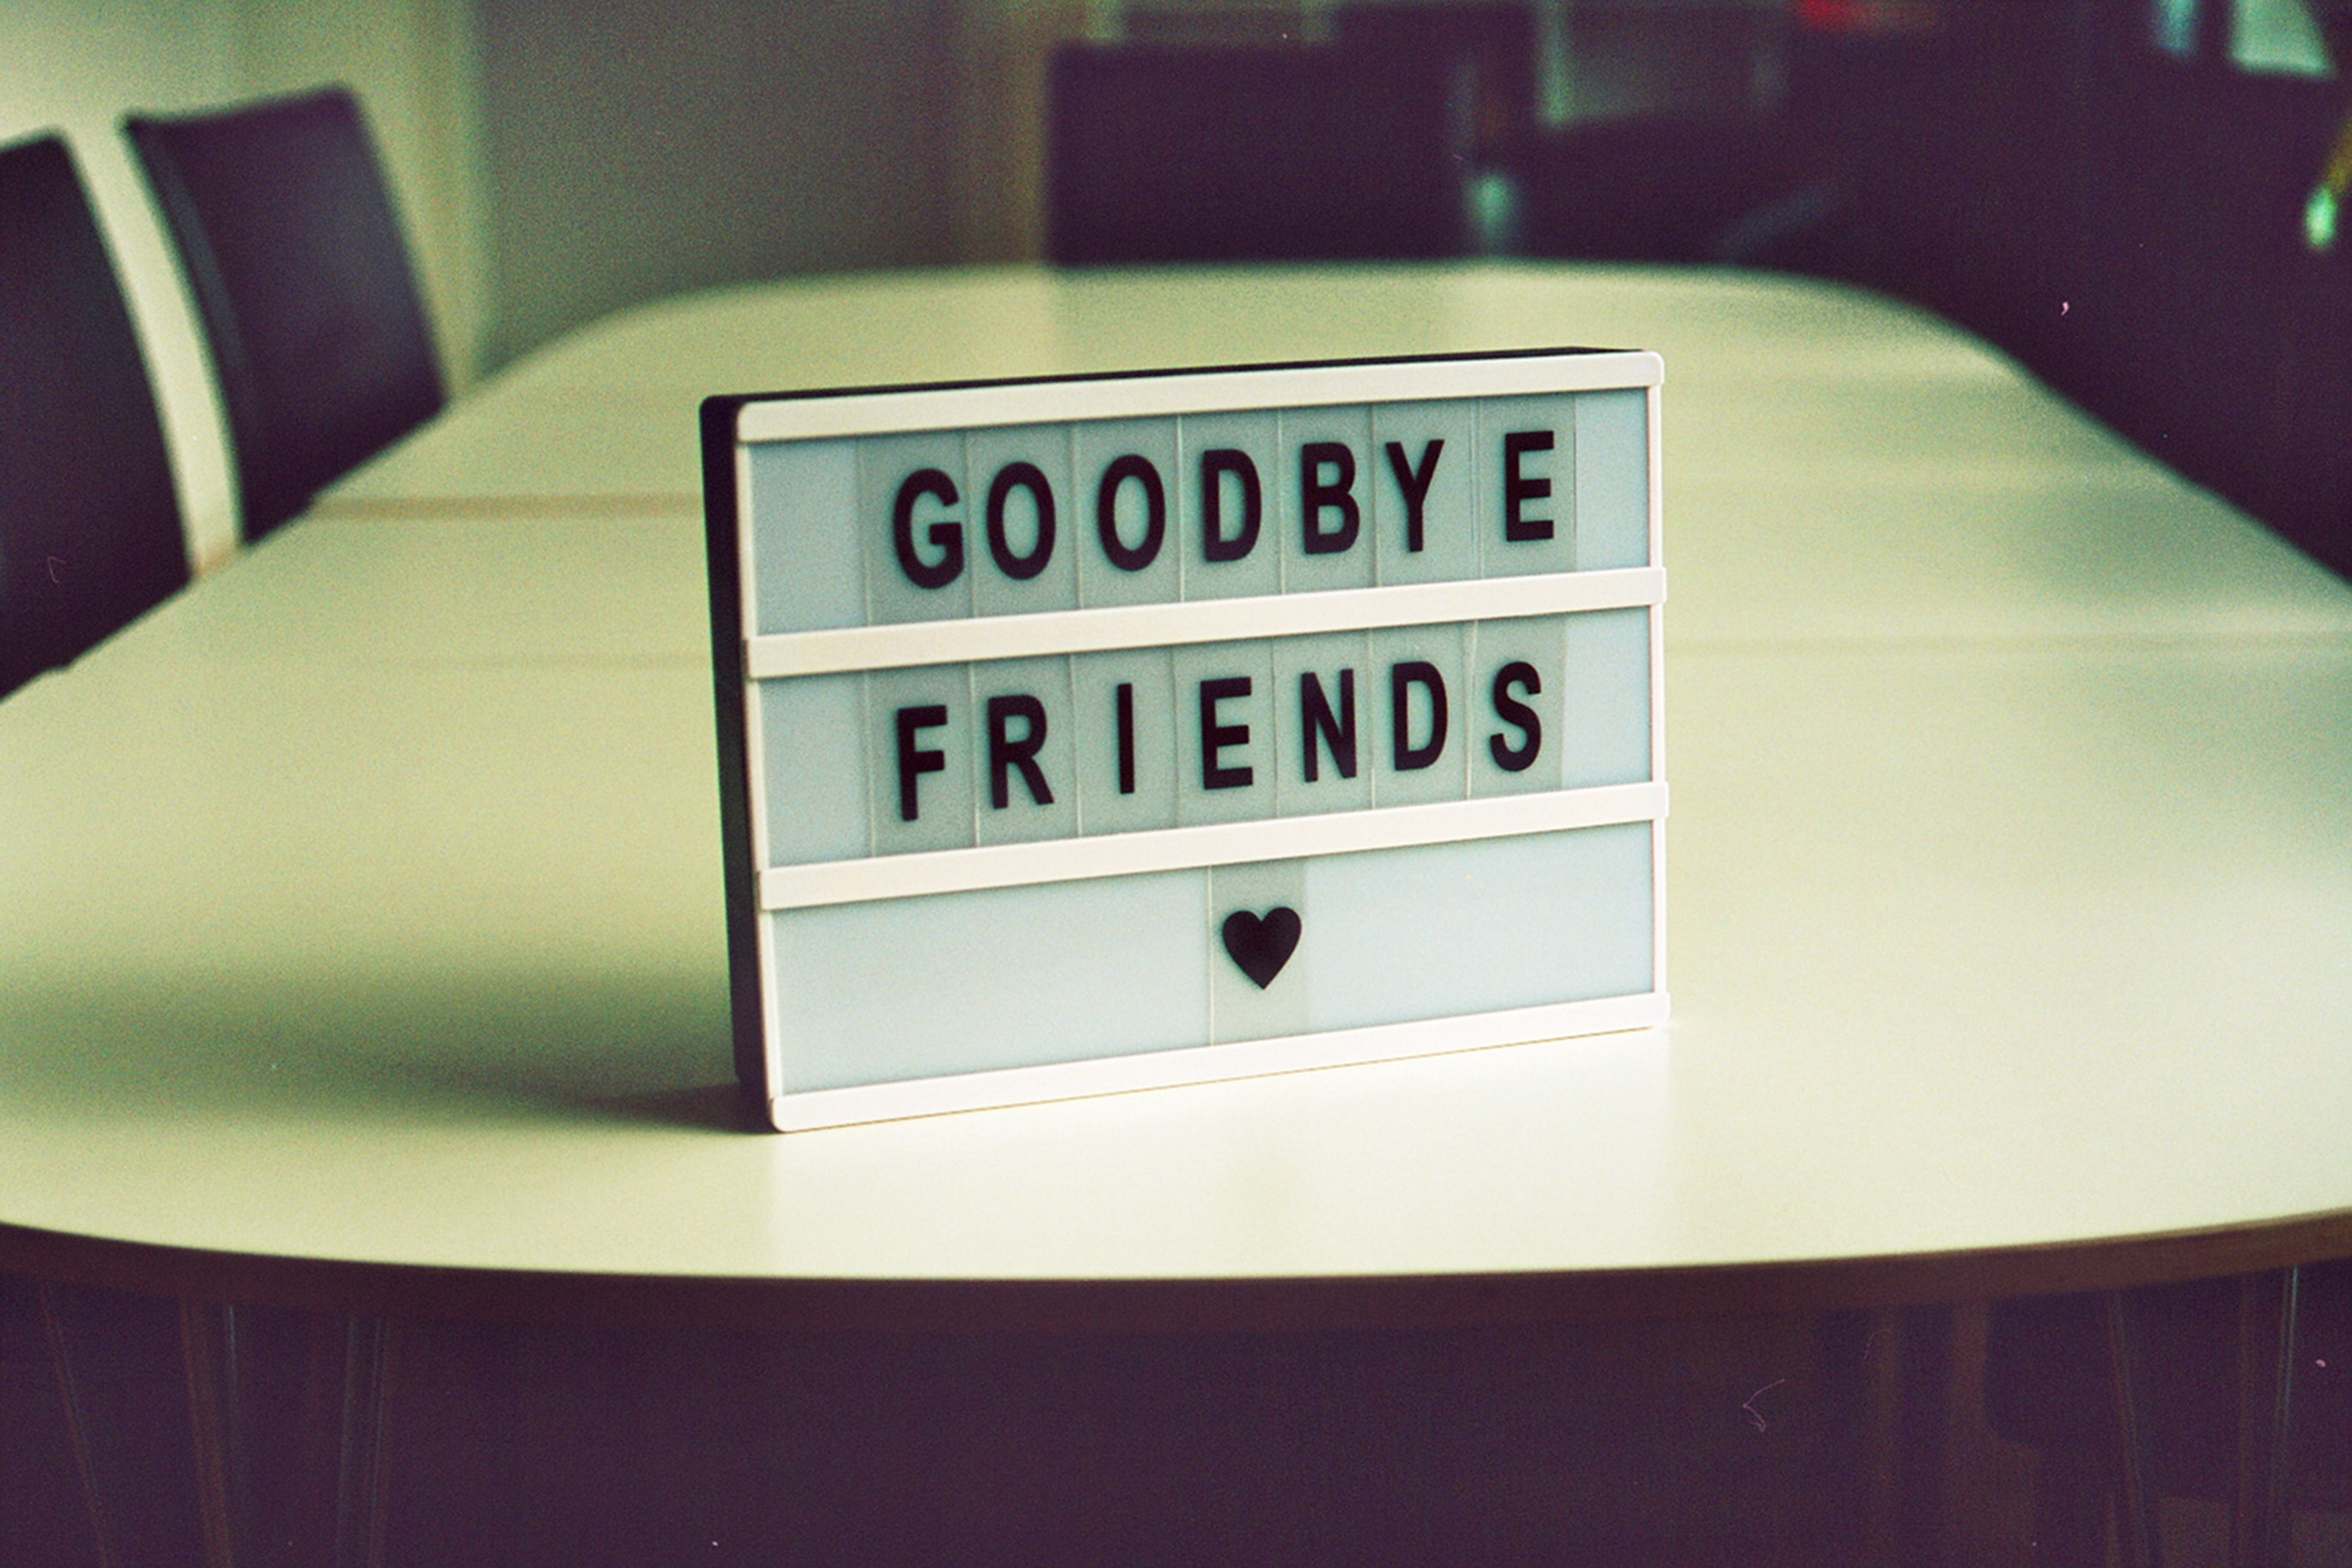 Farewell stories